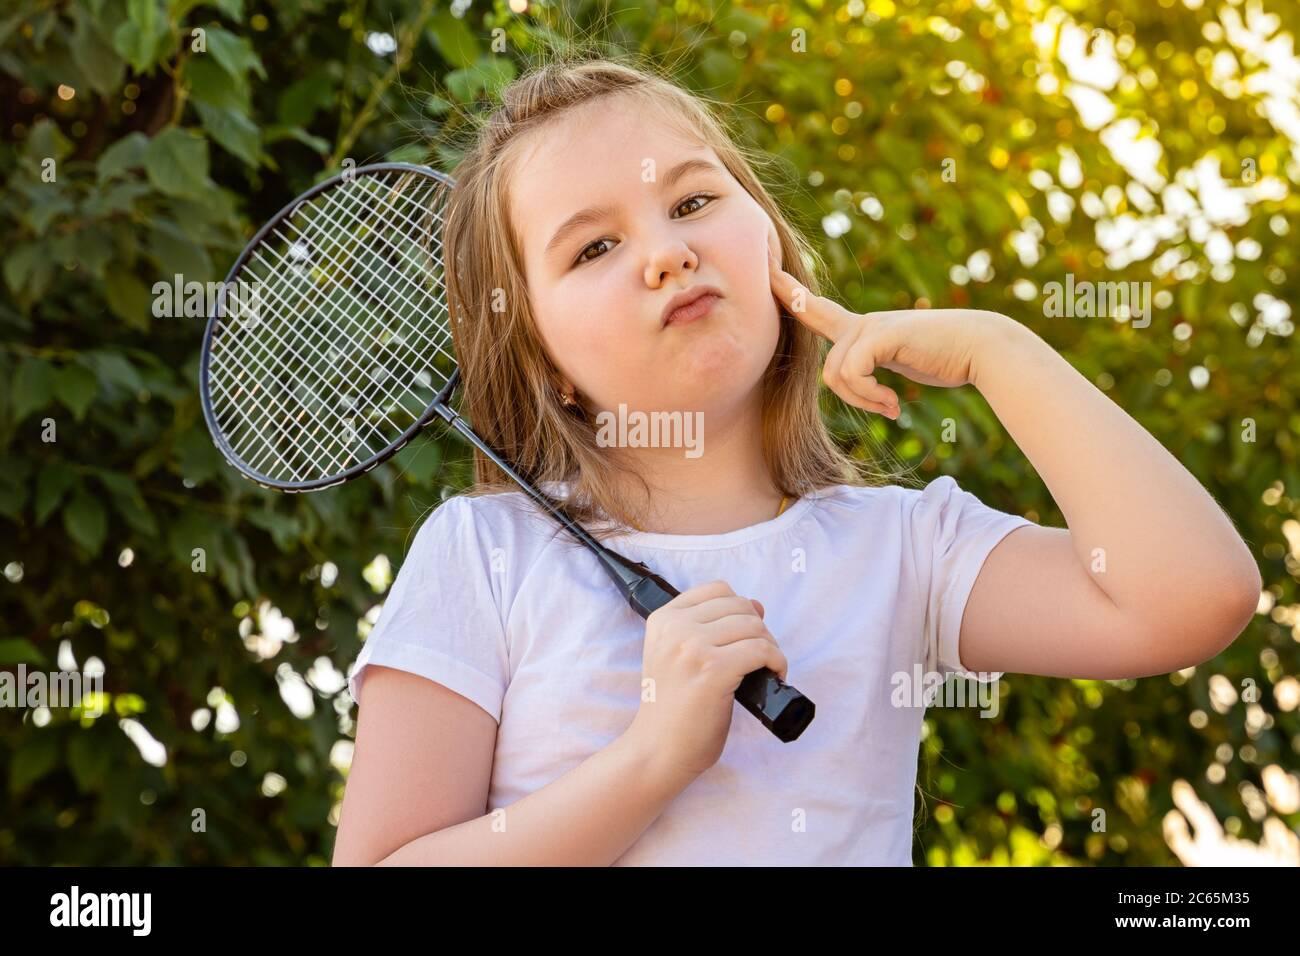 Ein kleines Mädchen scherzhaft macht ein glamouröses Gesicht. Nettes kleines Mädchen spielt Badminton im Freien an warmen und sonnigen Sommertag. Stockfoto